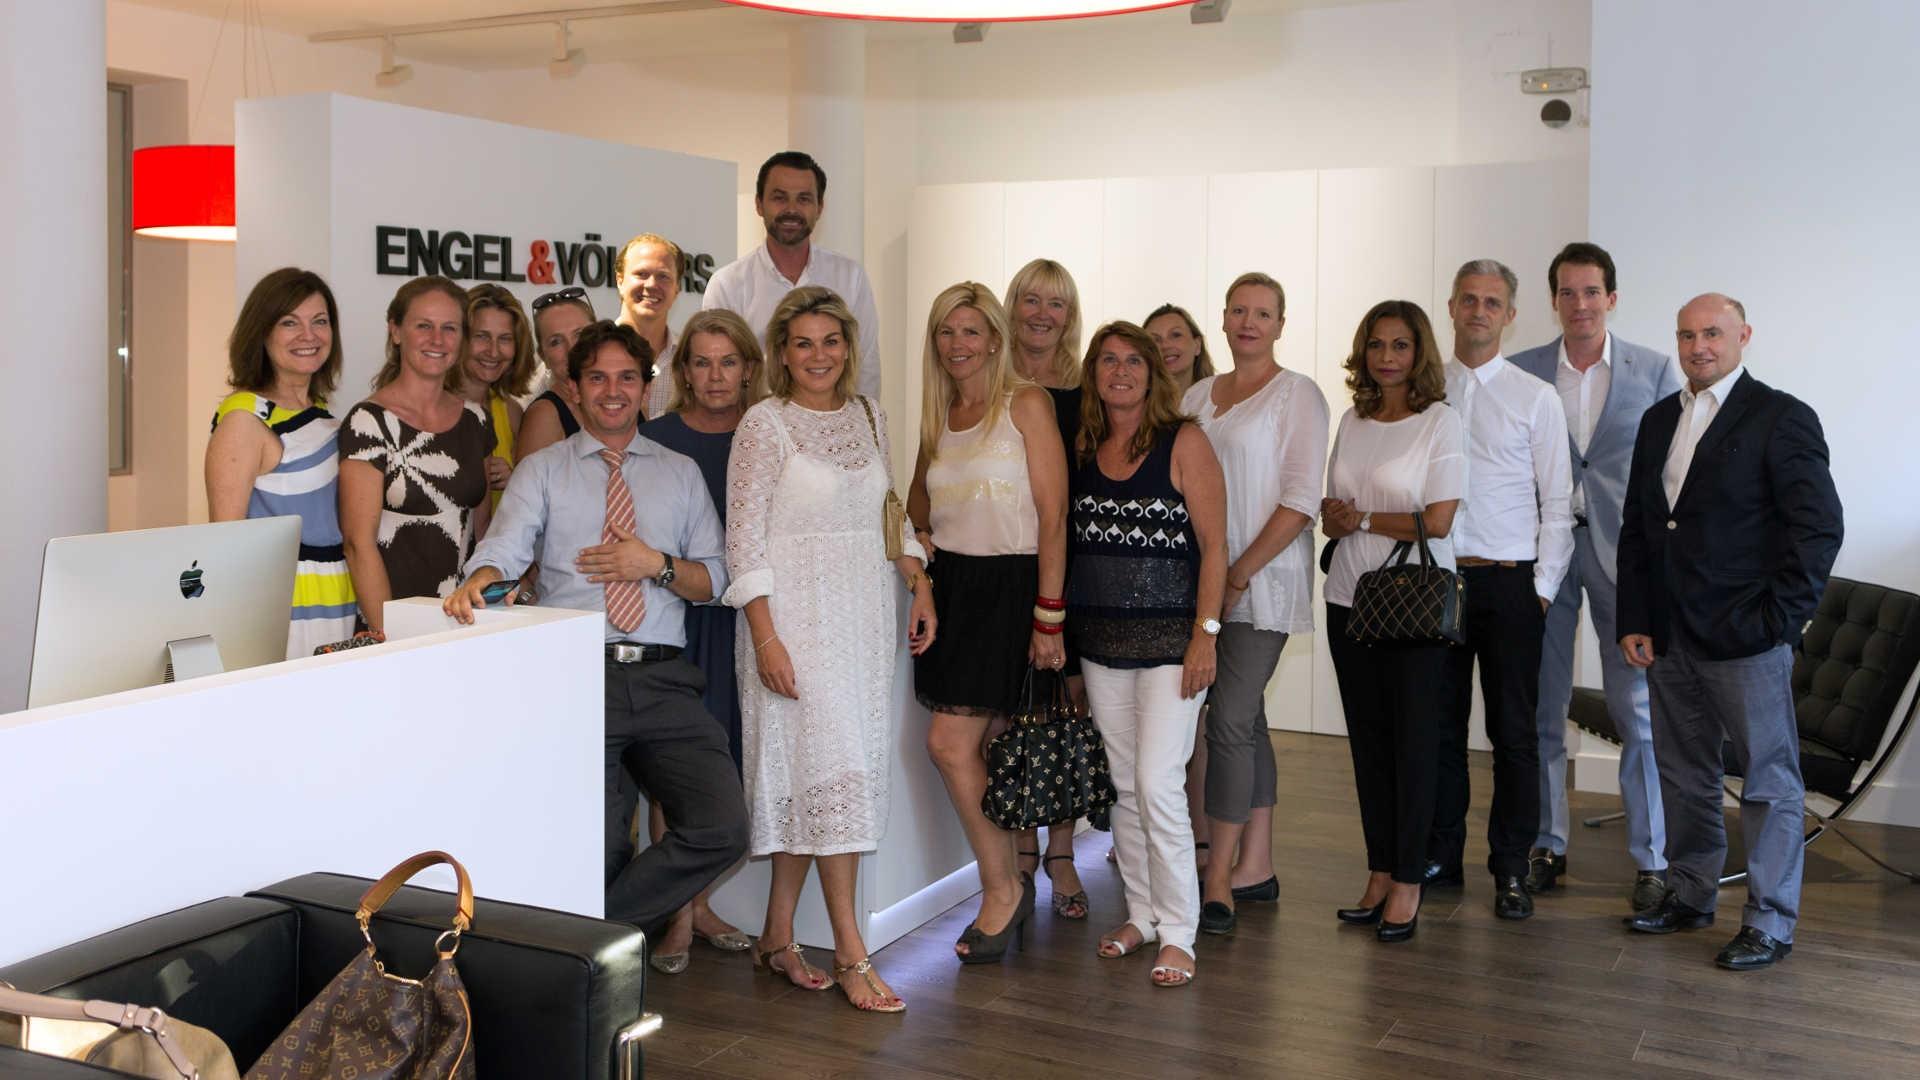 Engel v lkers marbella real estate marketing - Engel and volkers ...